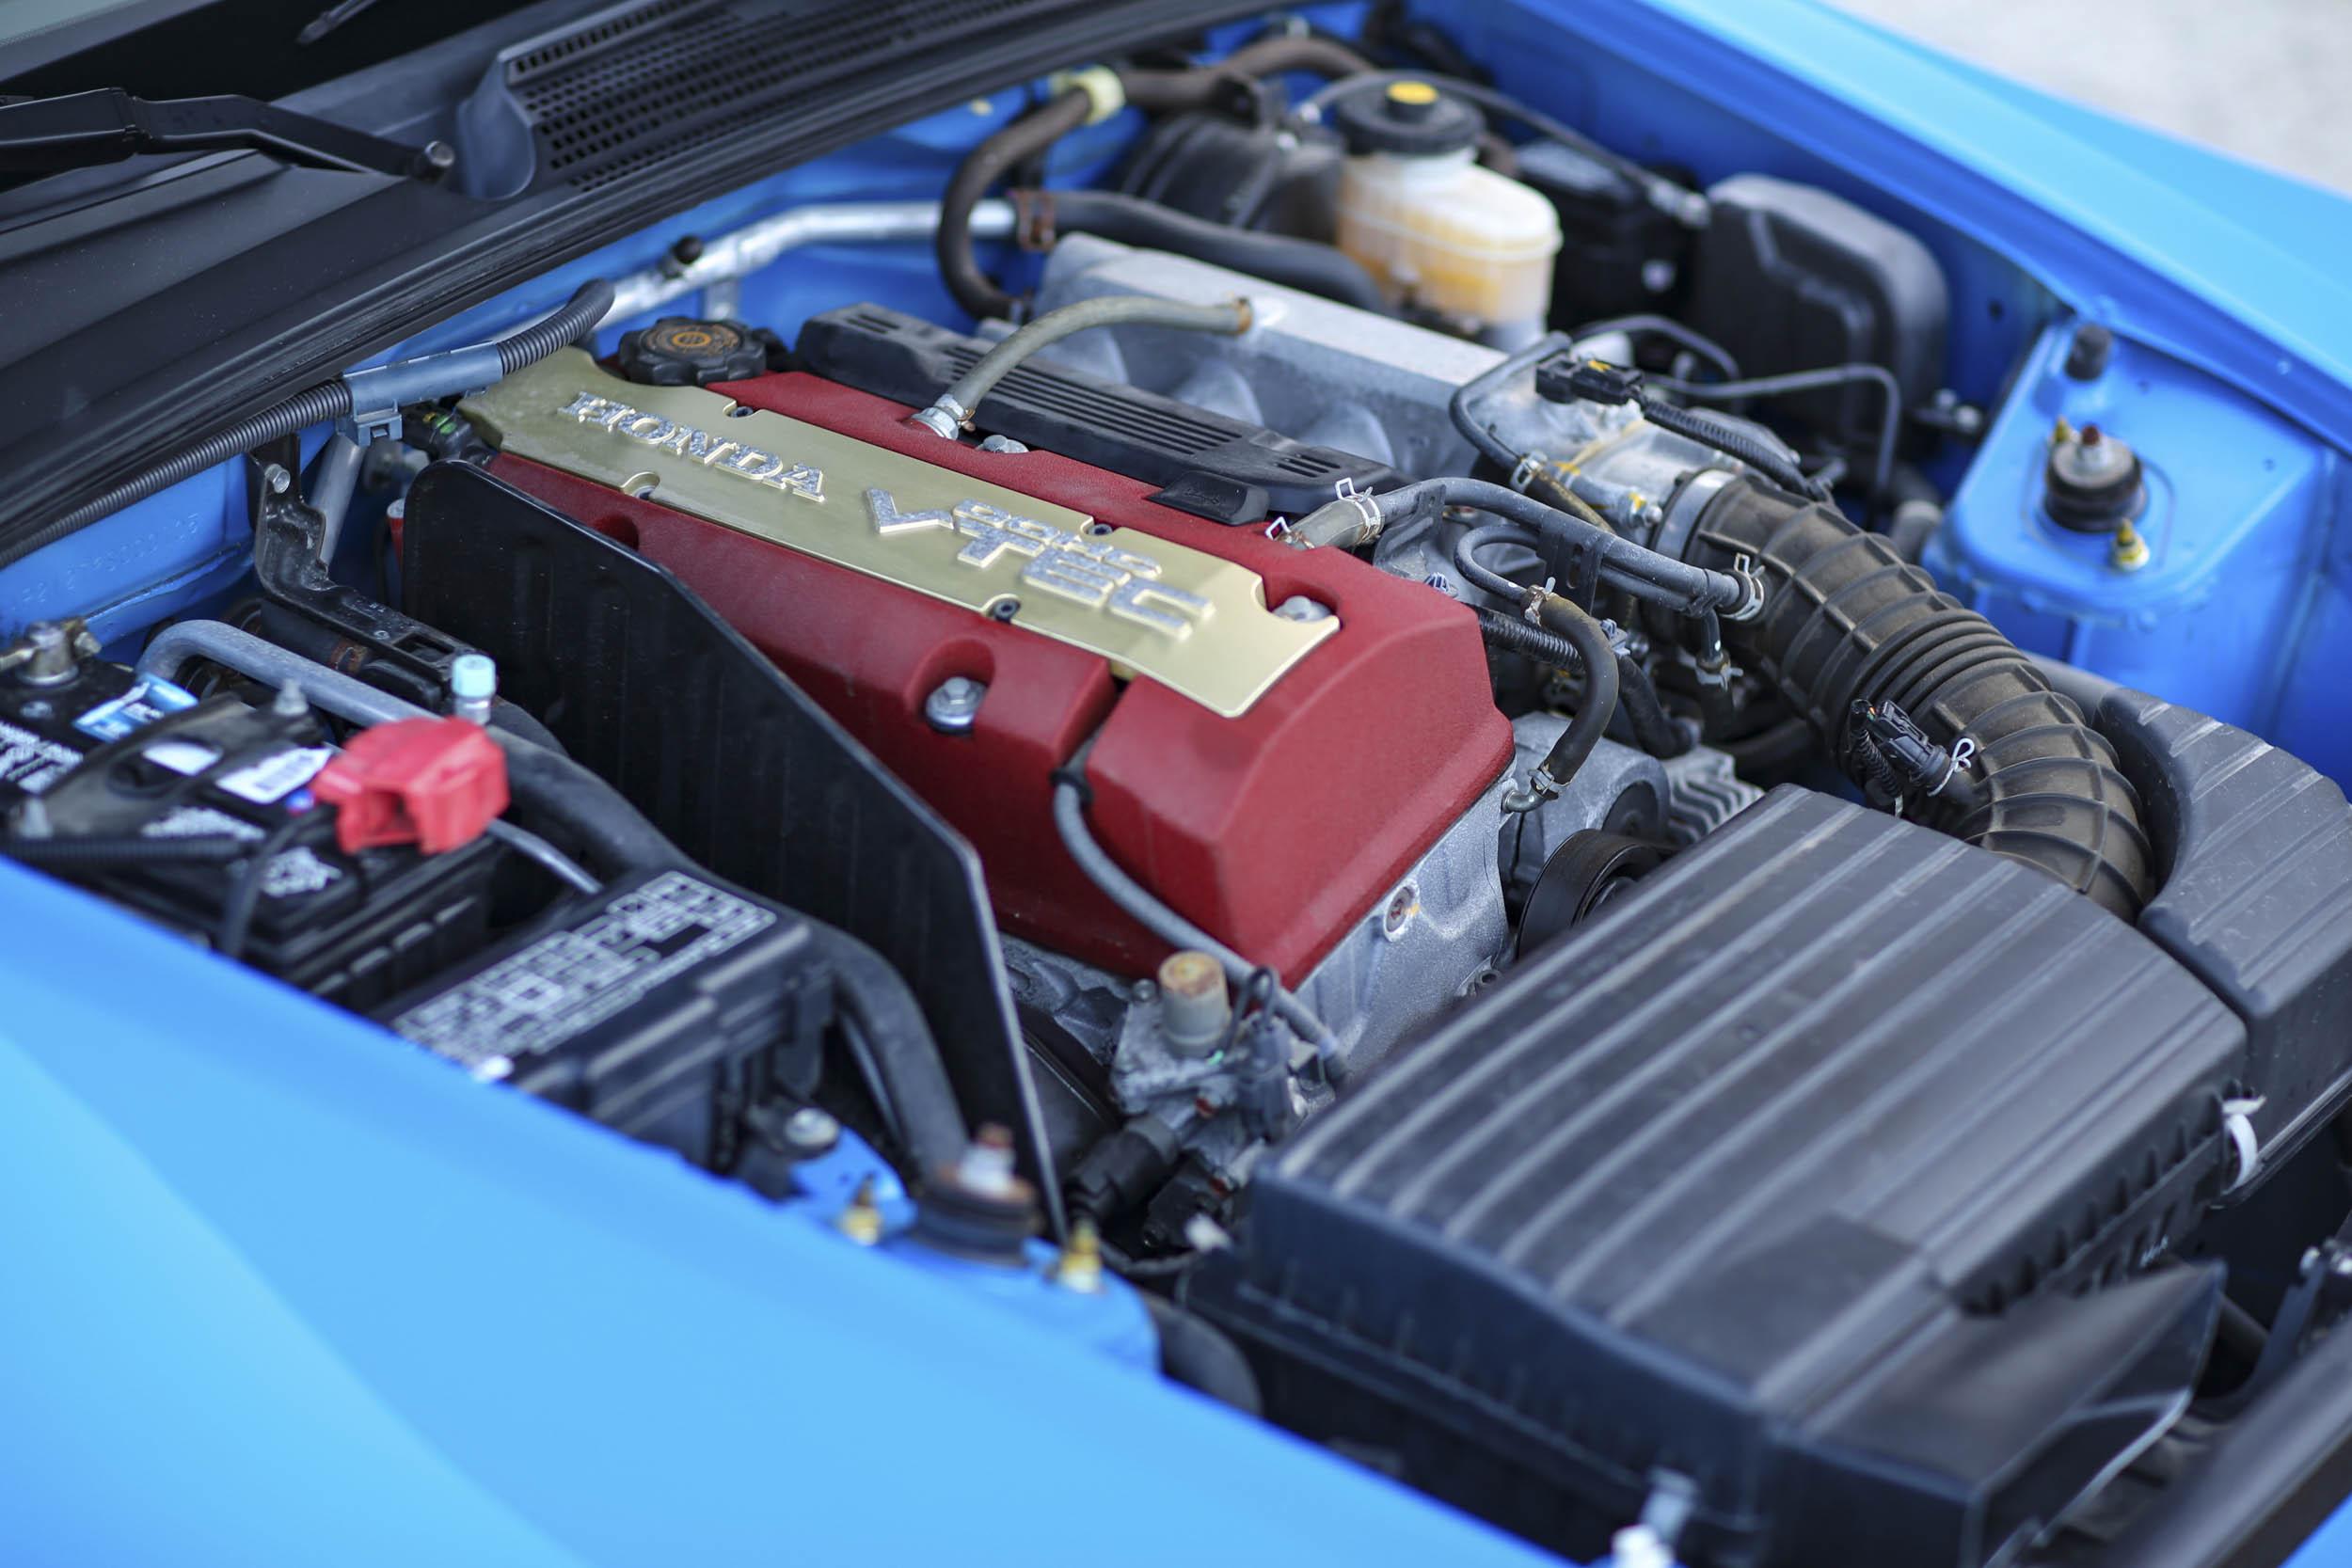 Honda S2000 engine bay